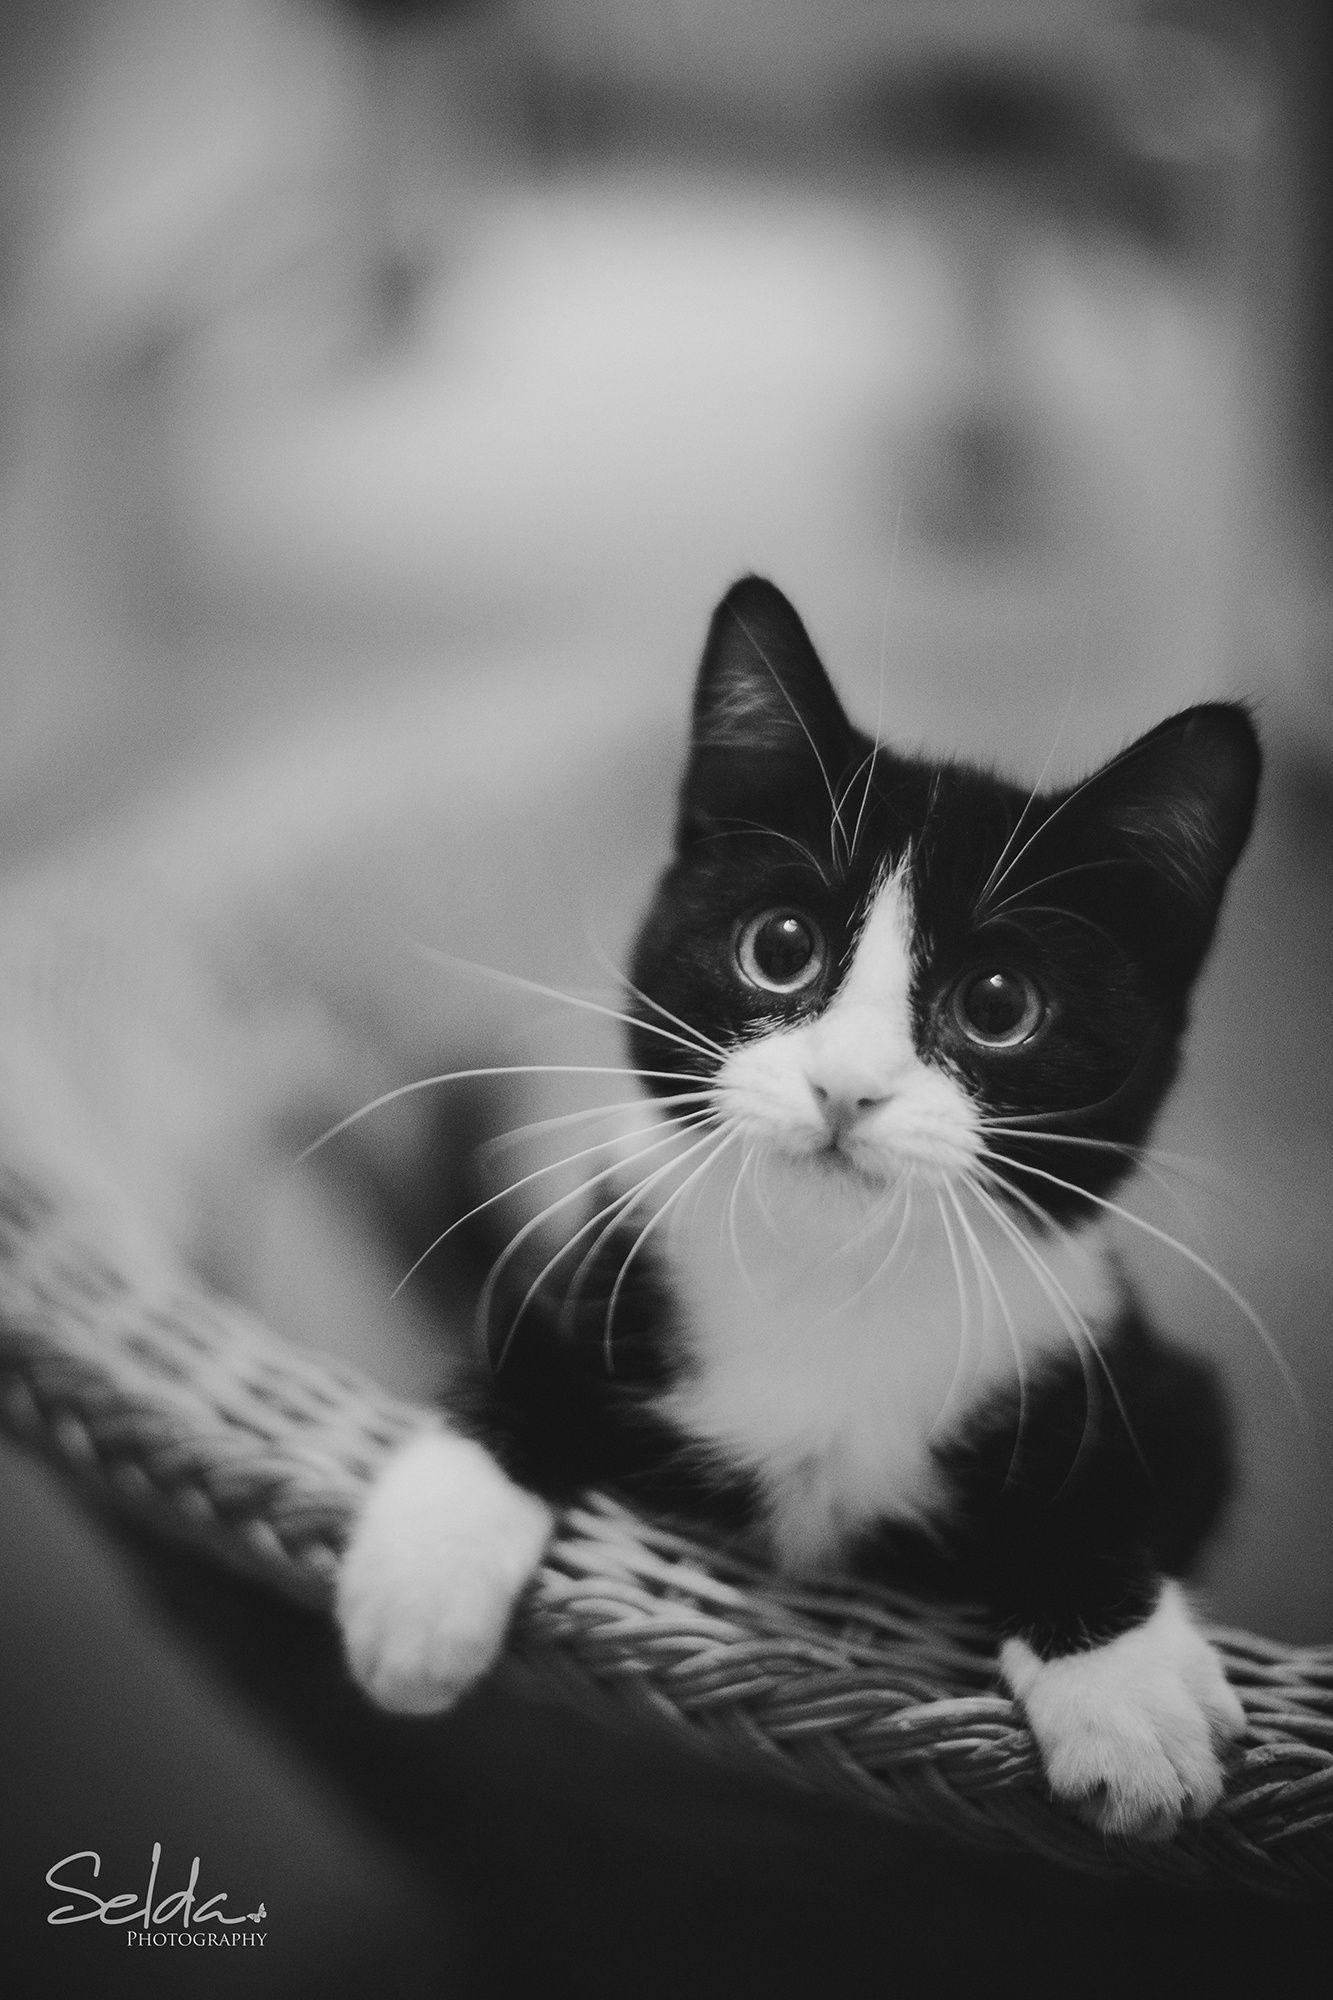 Tuxedo Cat Names Perfect Choice Cute cats, Cute cats